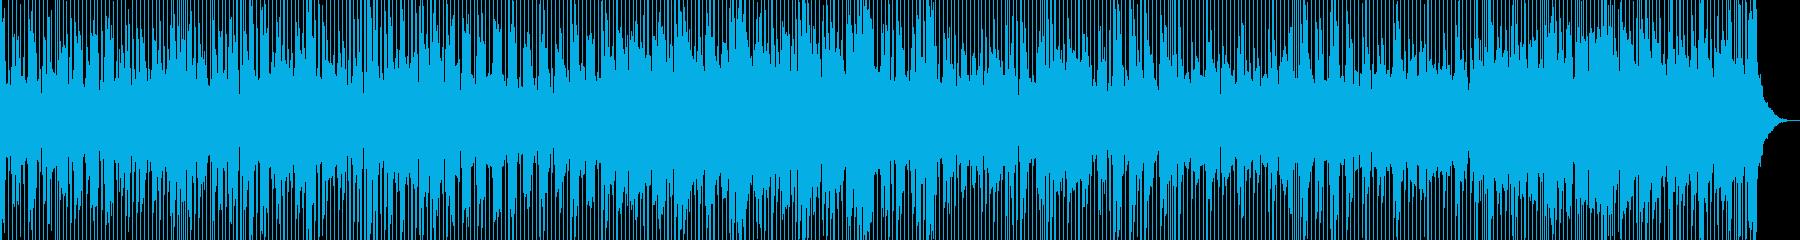 涙の別れをイメージしたブルースロックの再生済みの波形